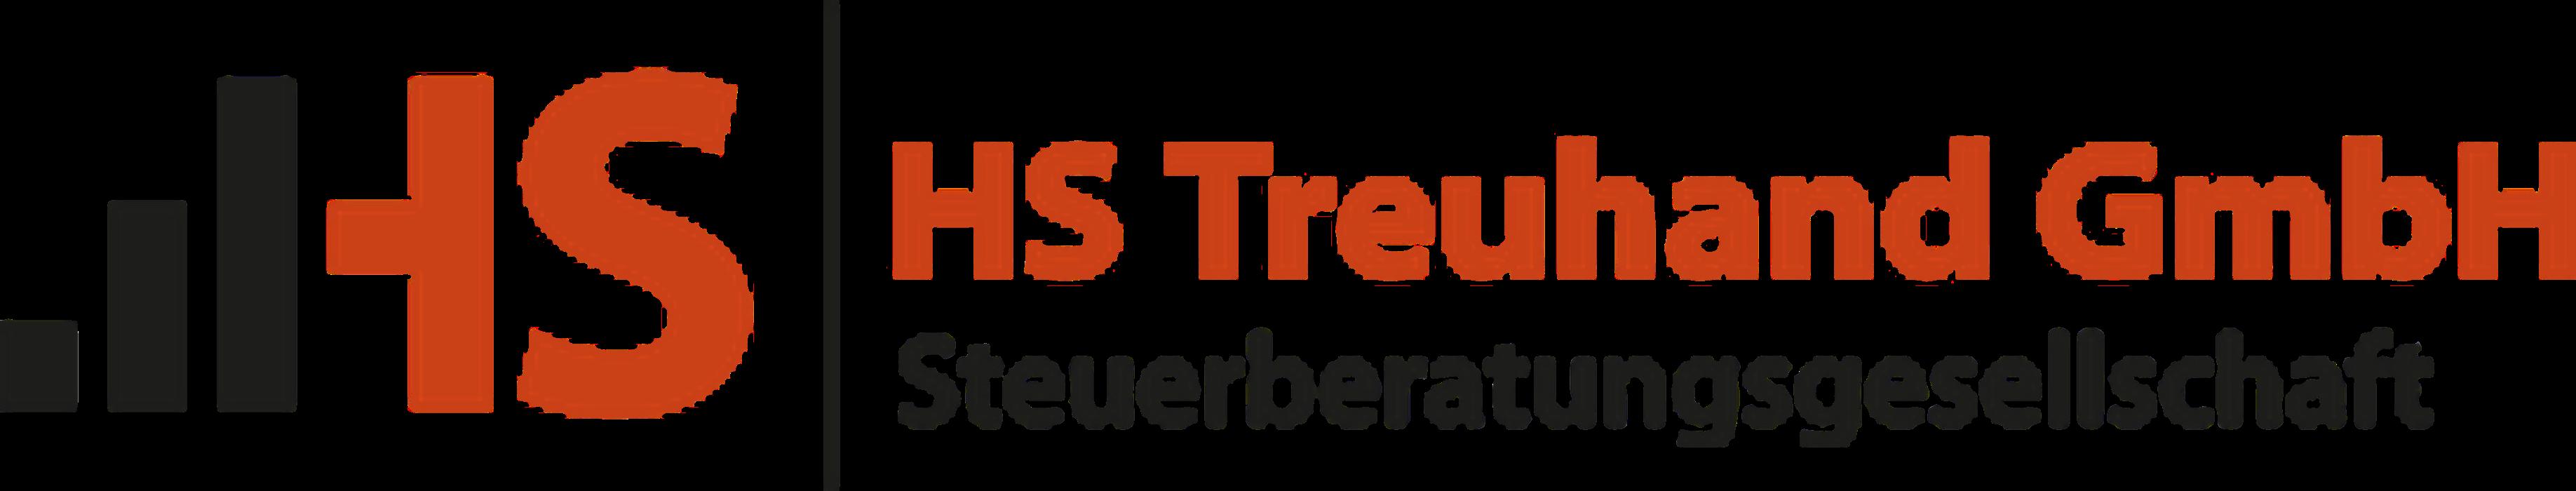 Bild zu HS Treuhand GmbH Steuerberatungsgesellschaft Zweigniederlassung Bühl in Bühl in Baden